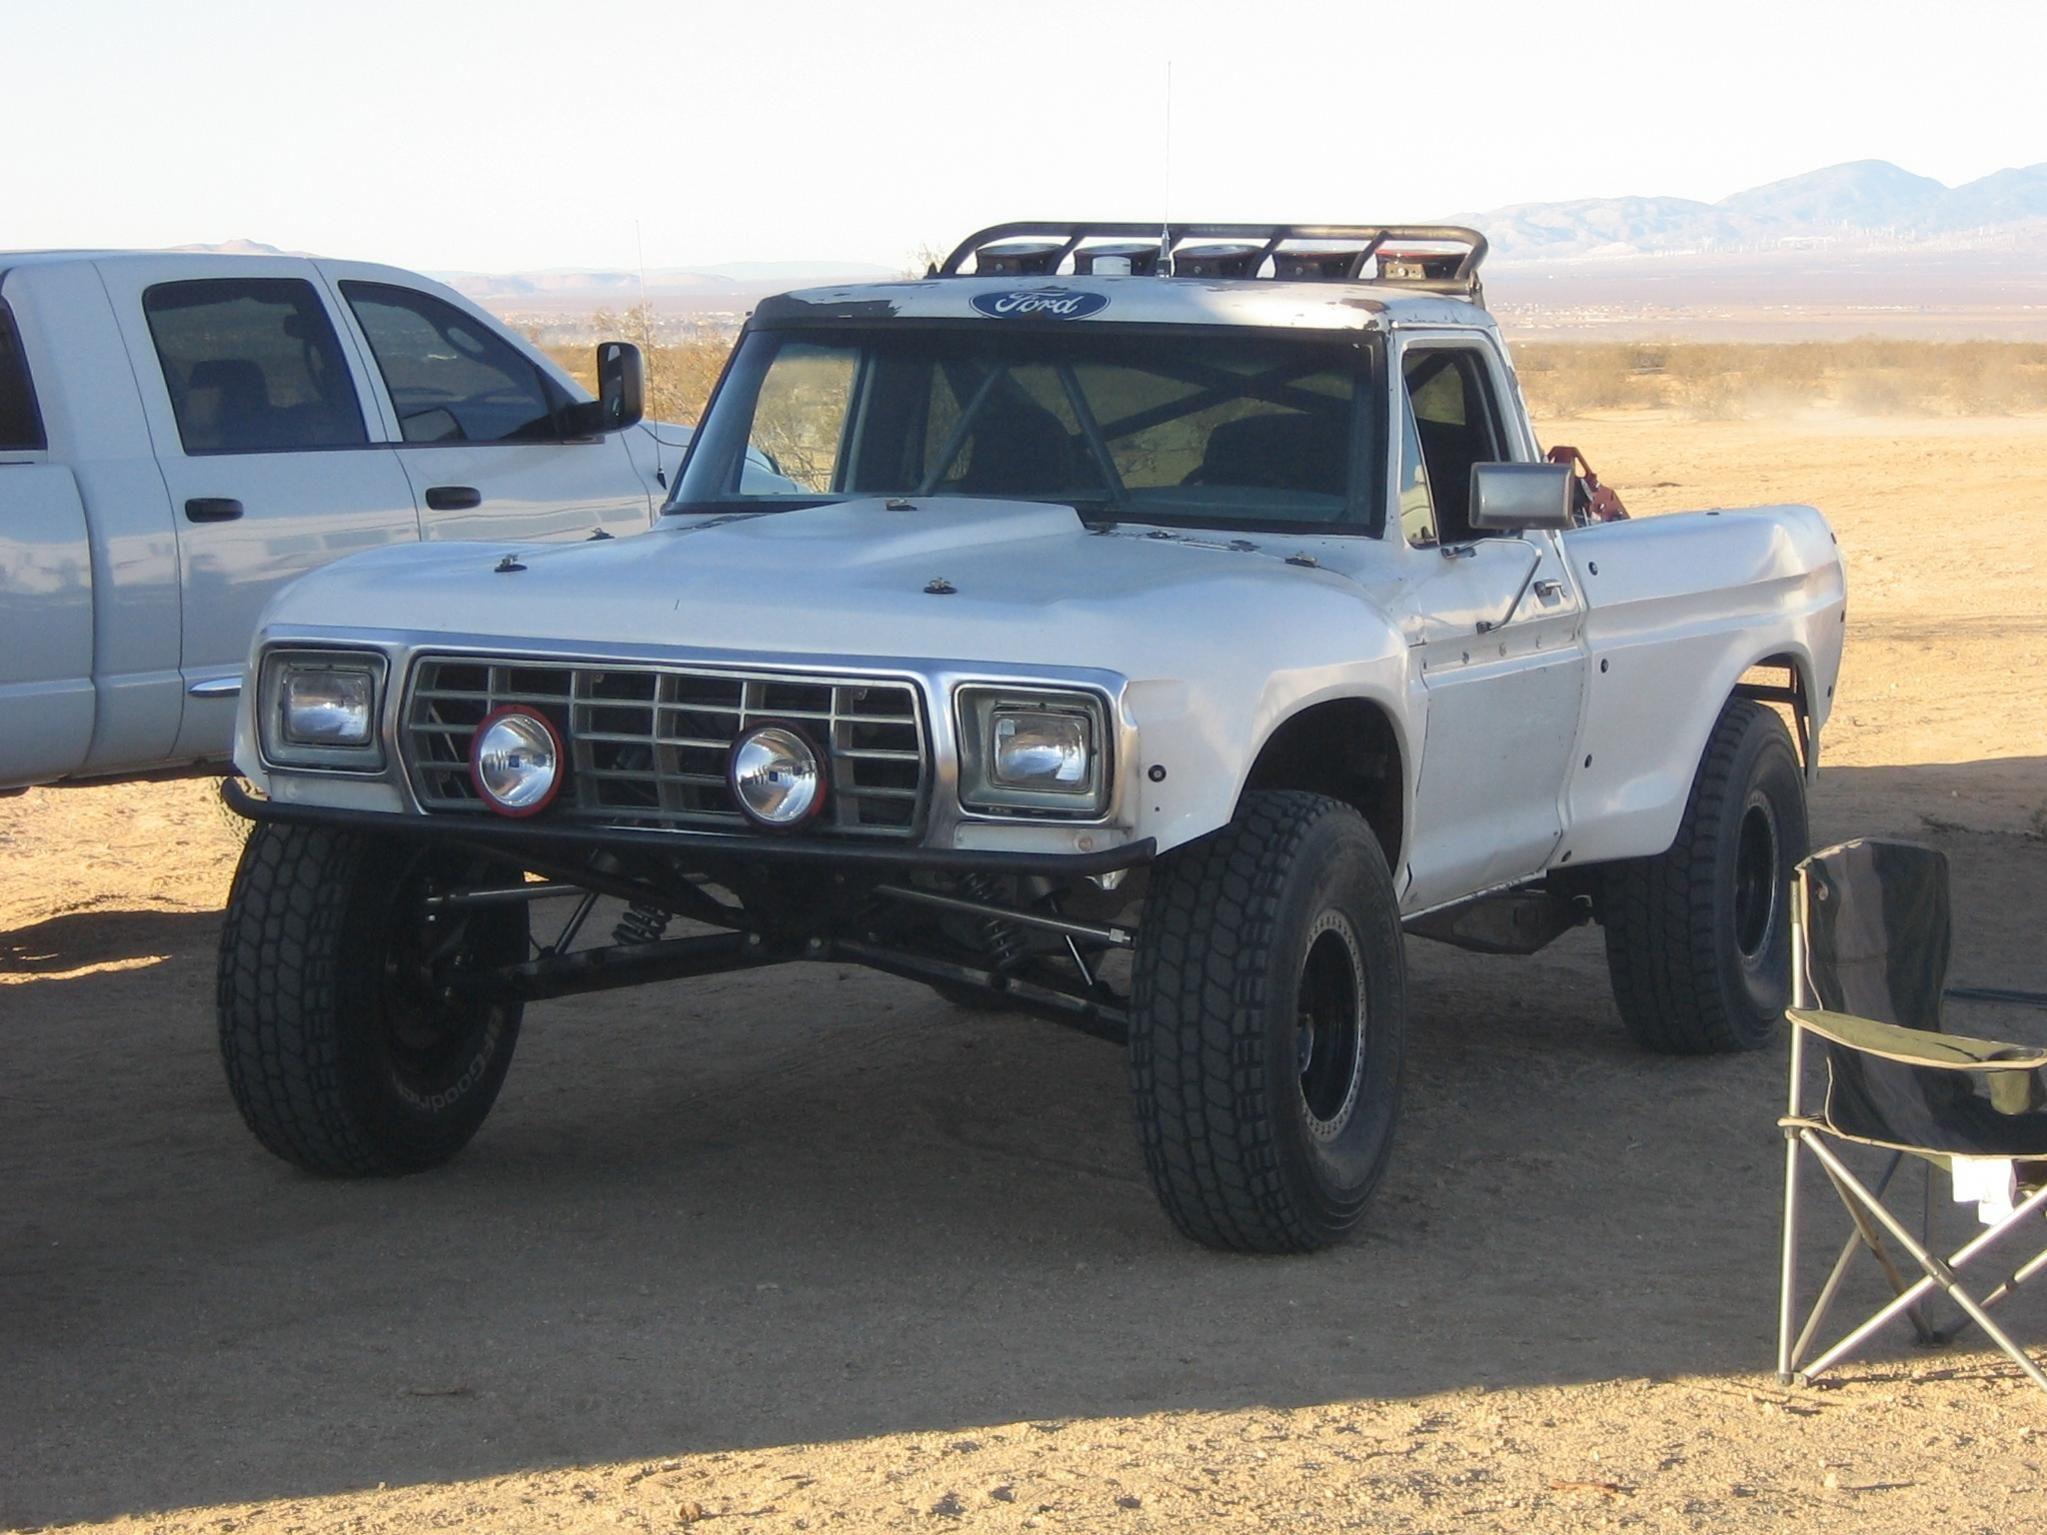 Ford f150 prerunner